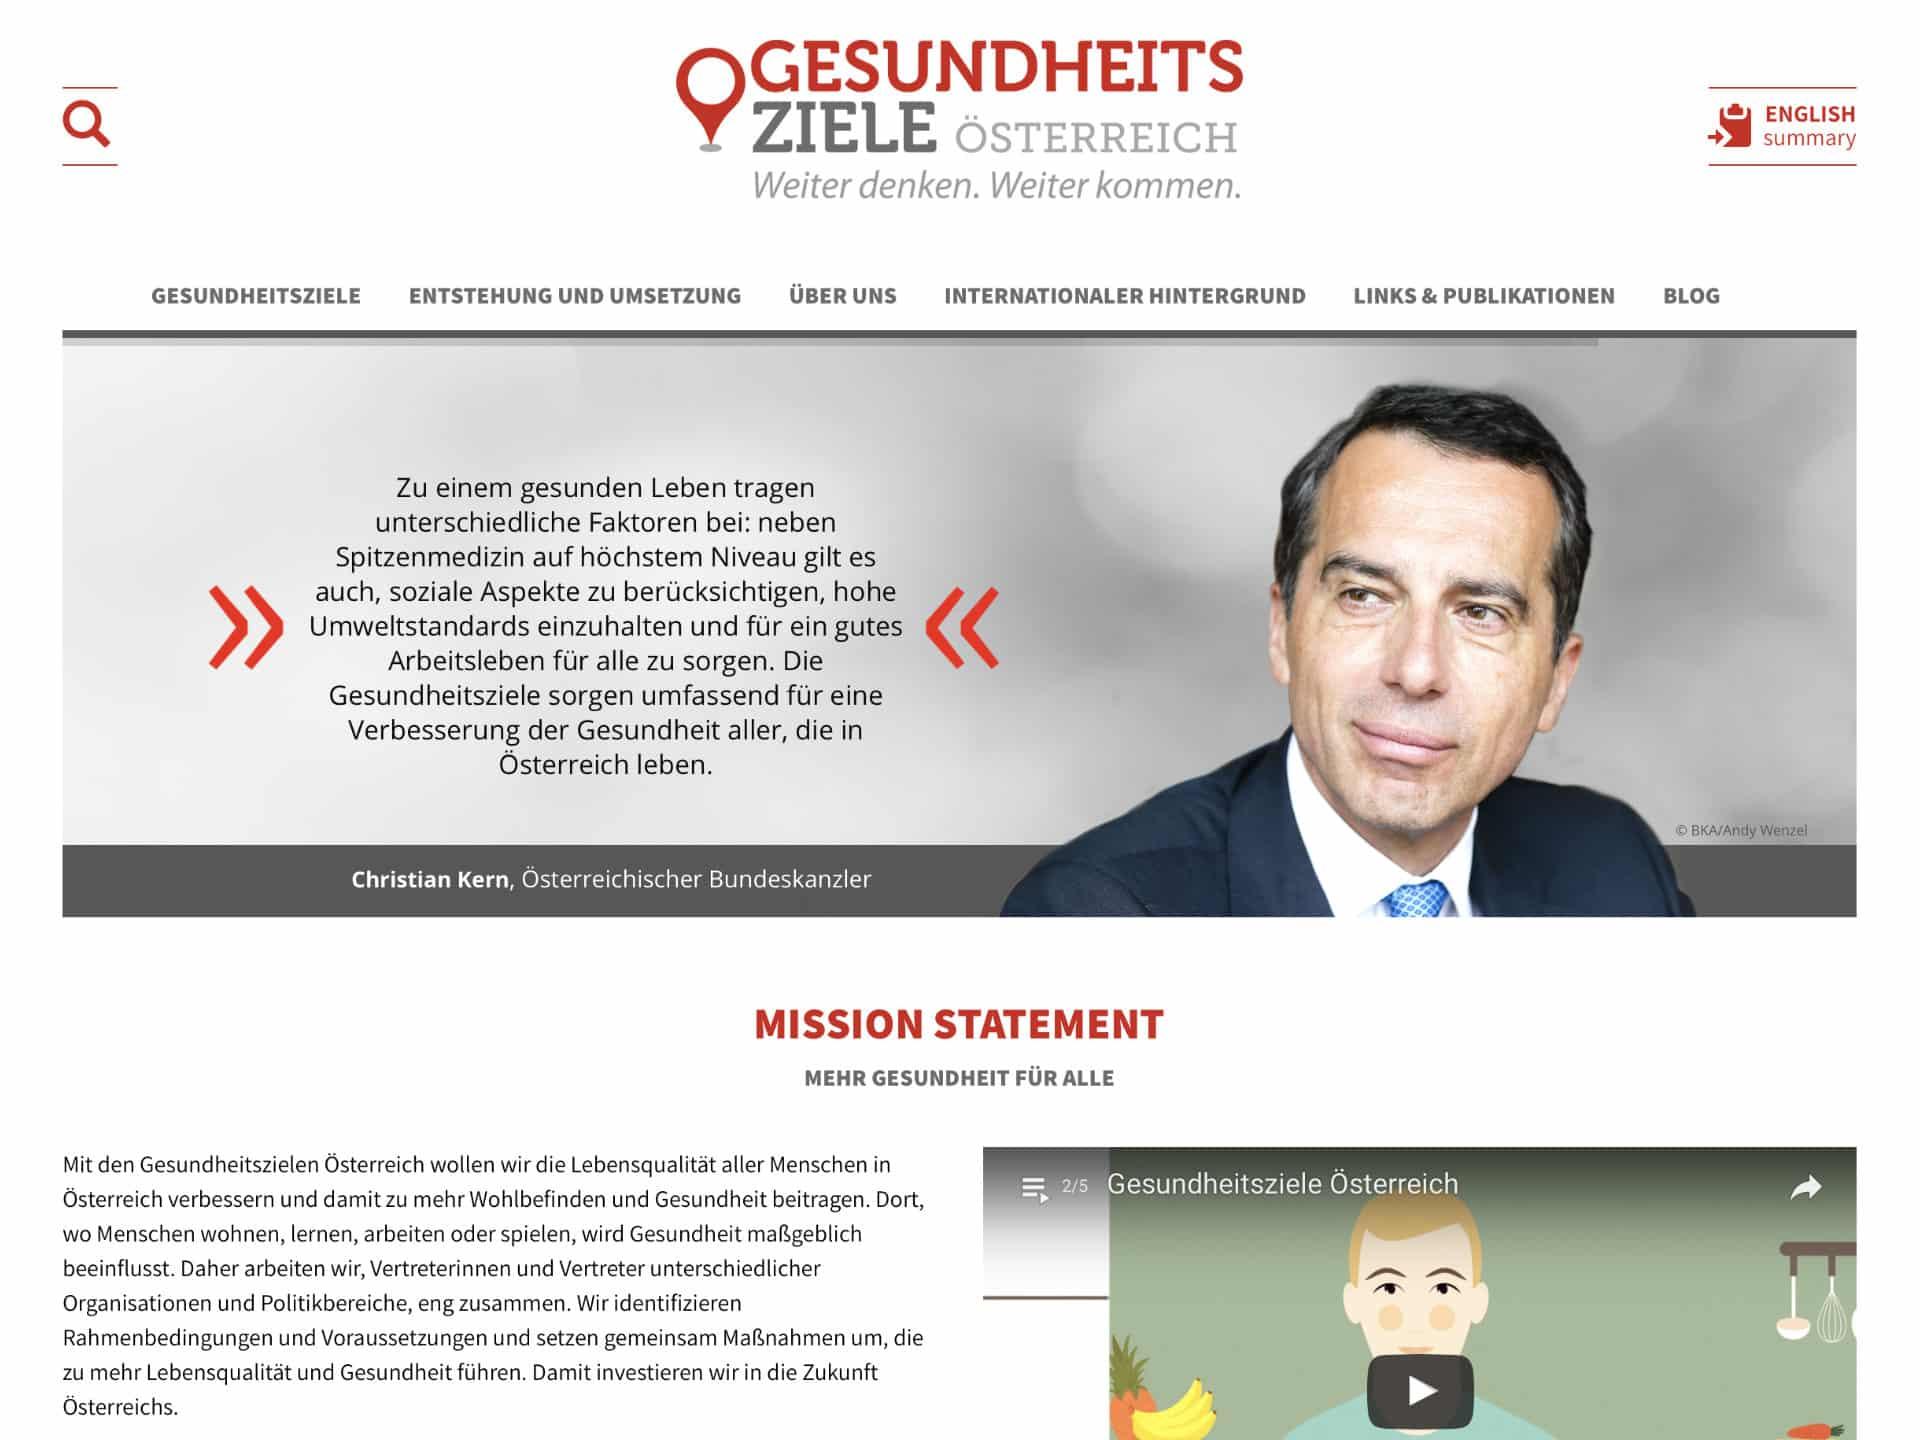 Gesundheitsziele Österreich